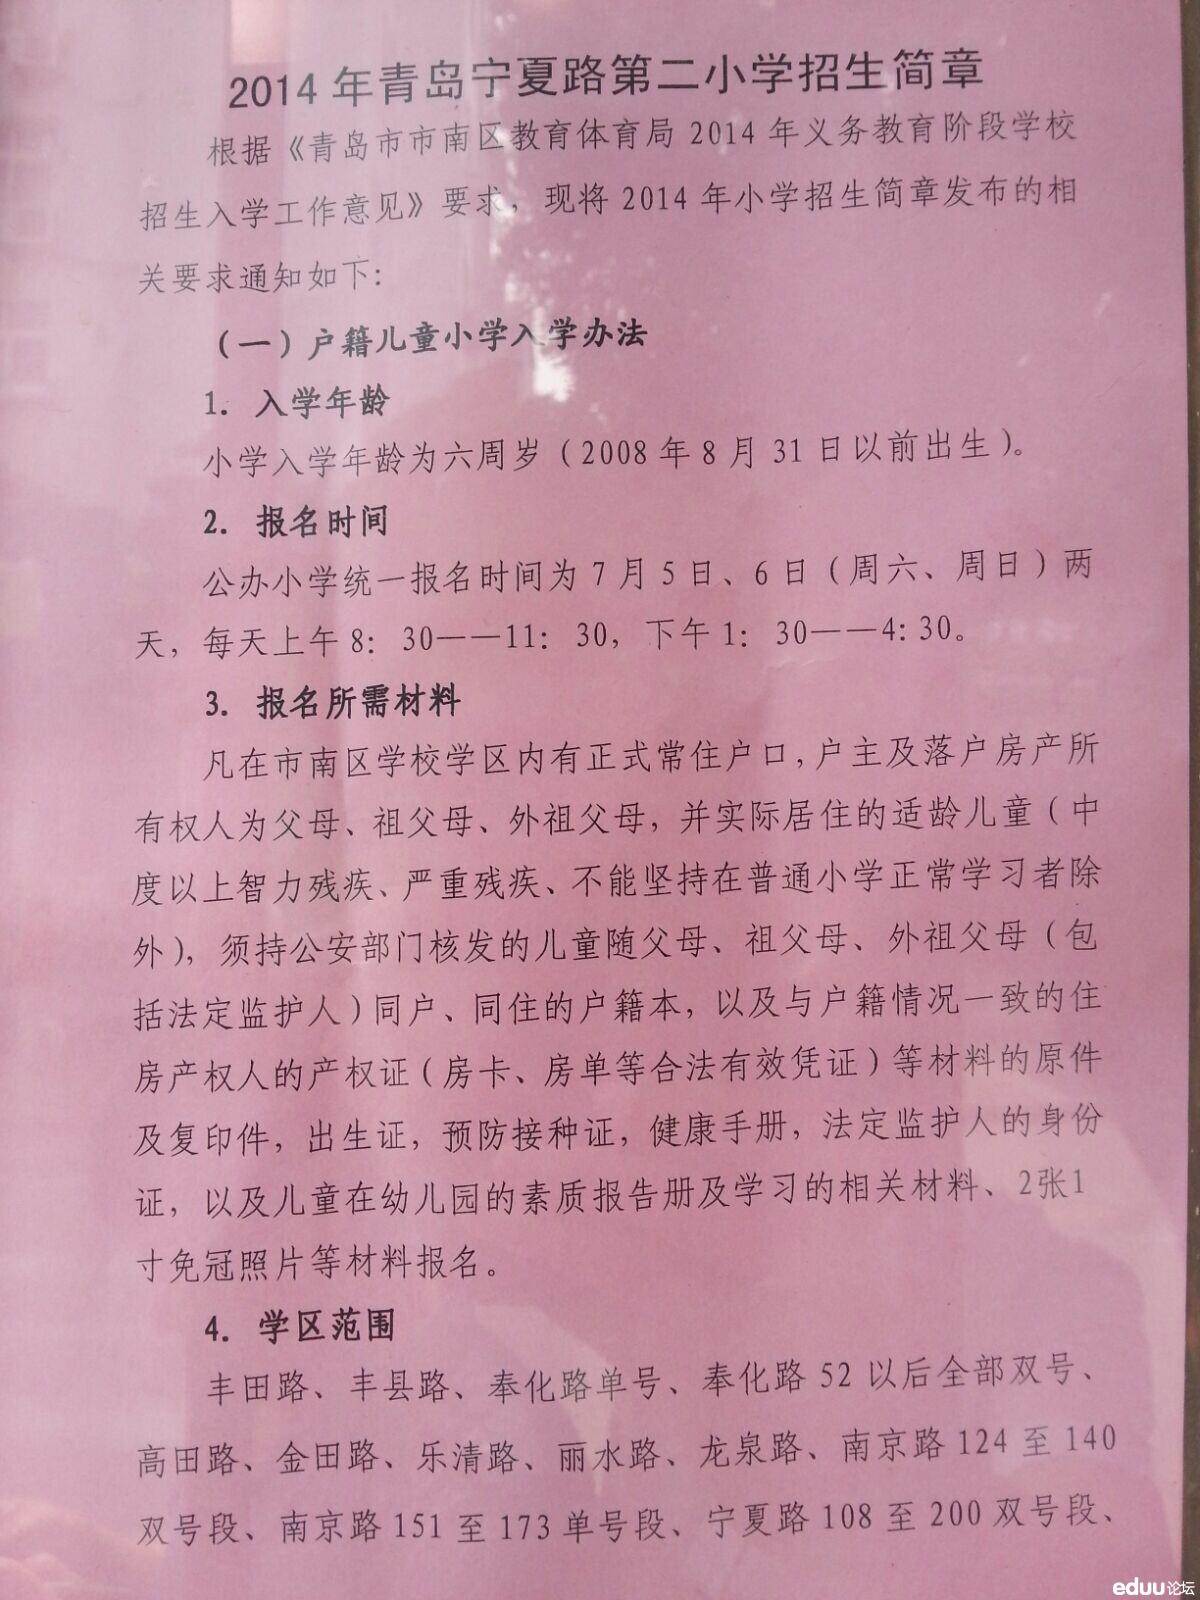 青岛宁夏路第二小学招生简章